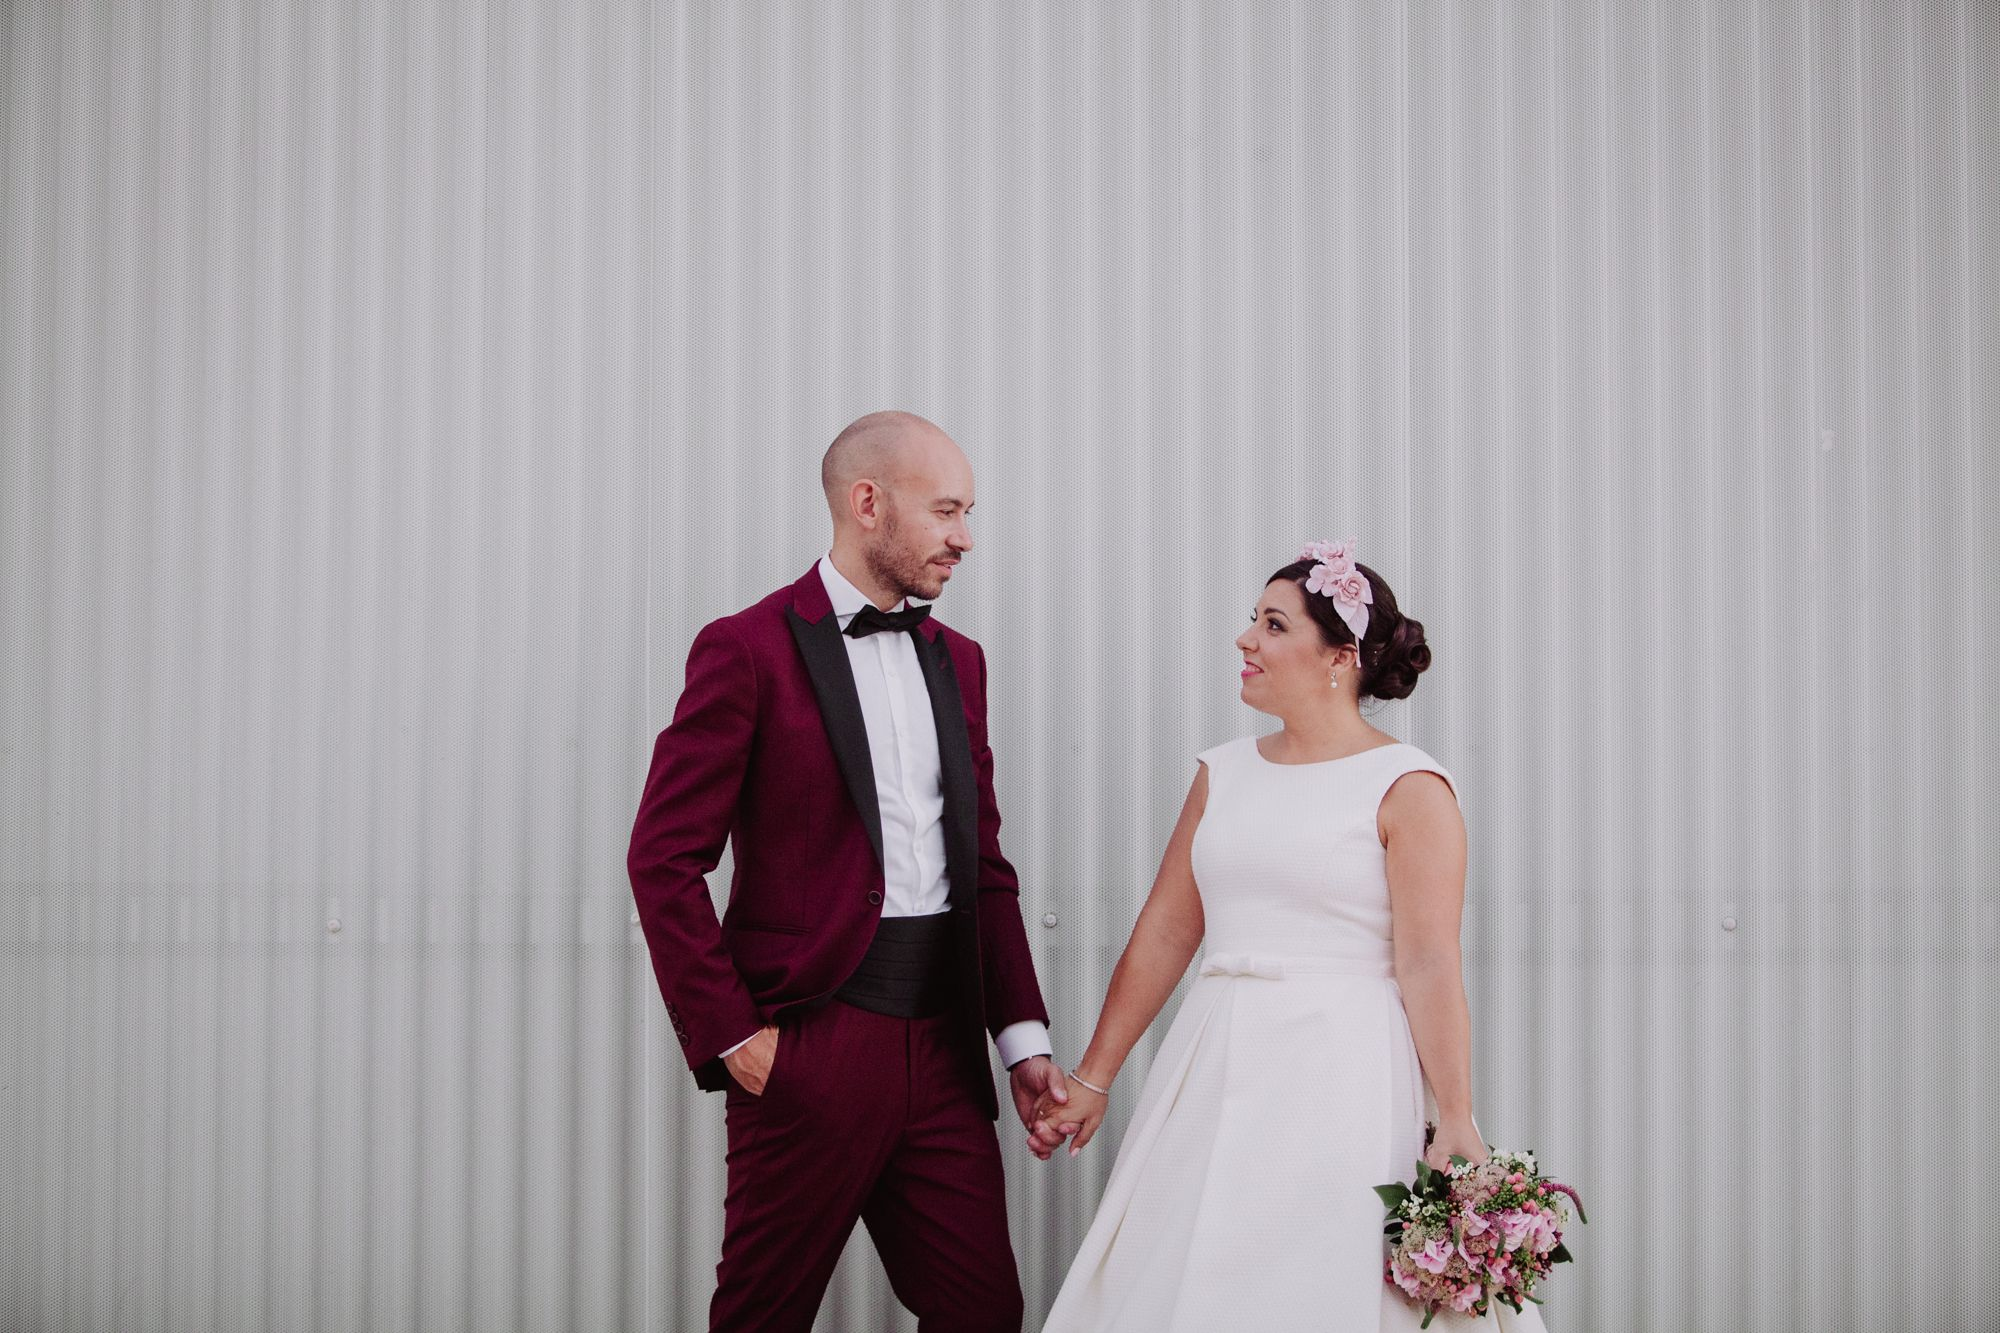 La boda de Amanda y Jorge en Villa Luisa 36